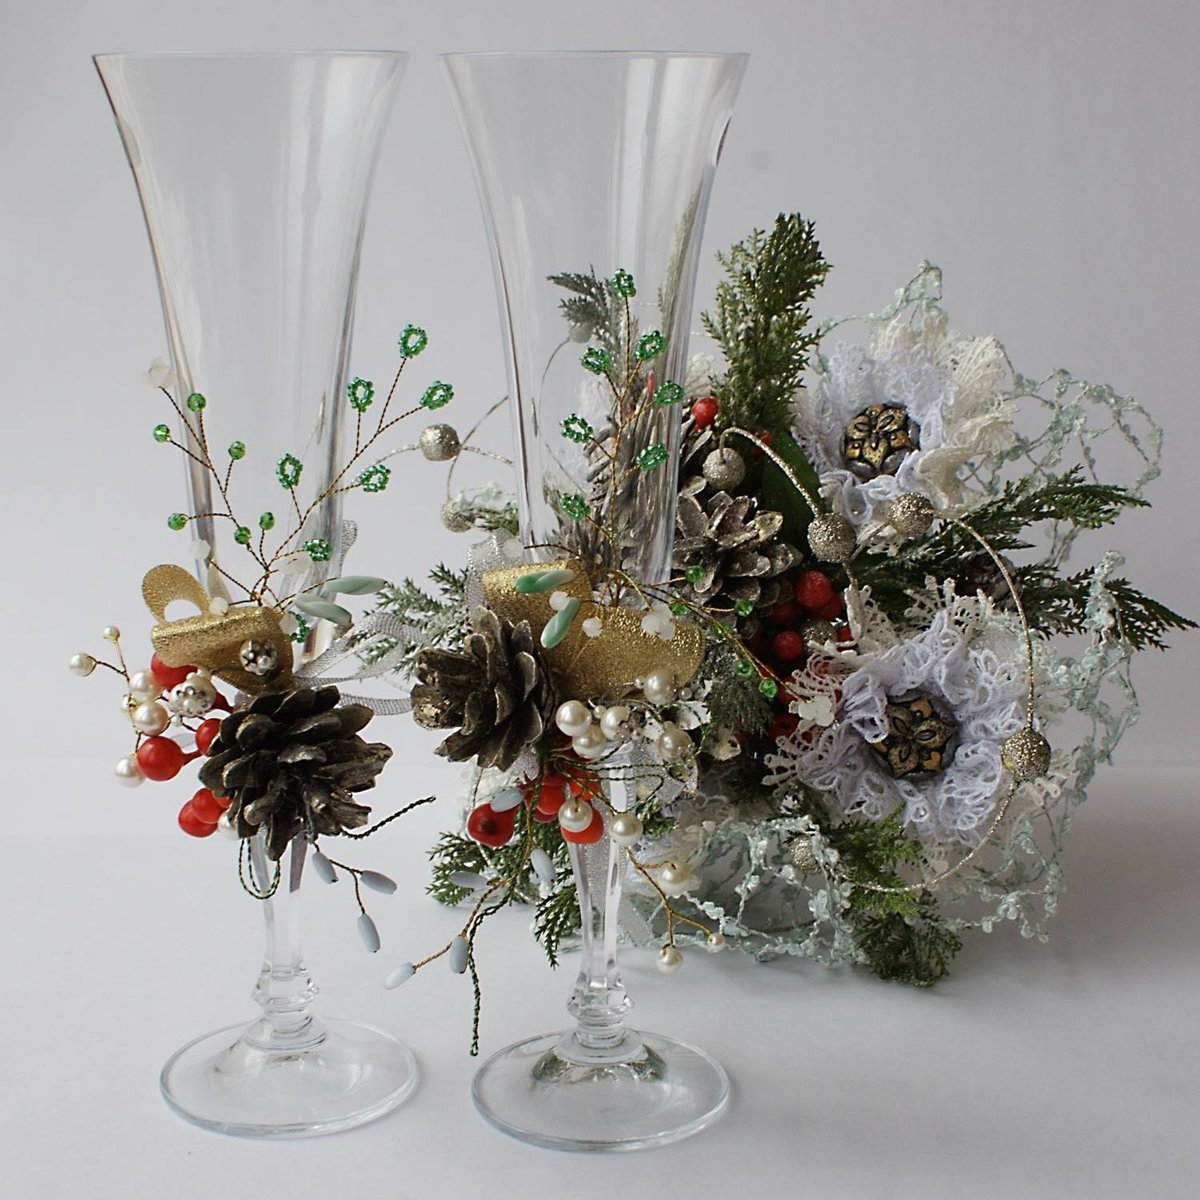 Как украсить бокалы на Новый год 2018 своими руками - 15 фот